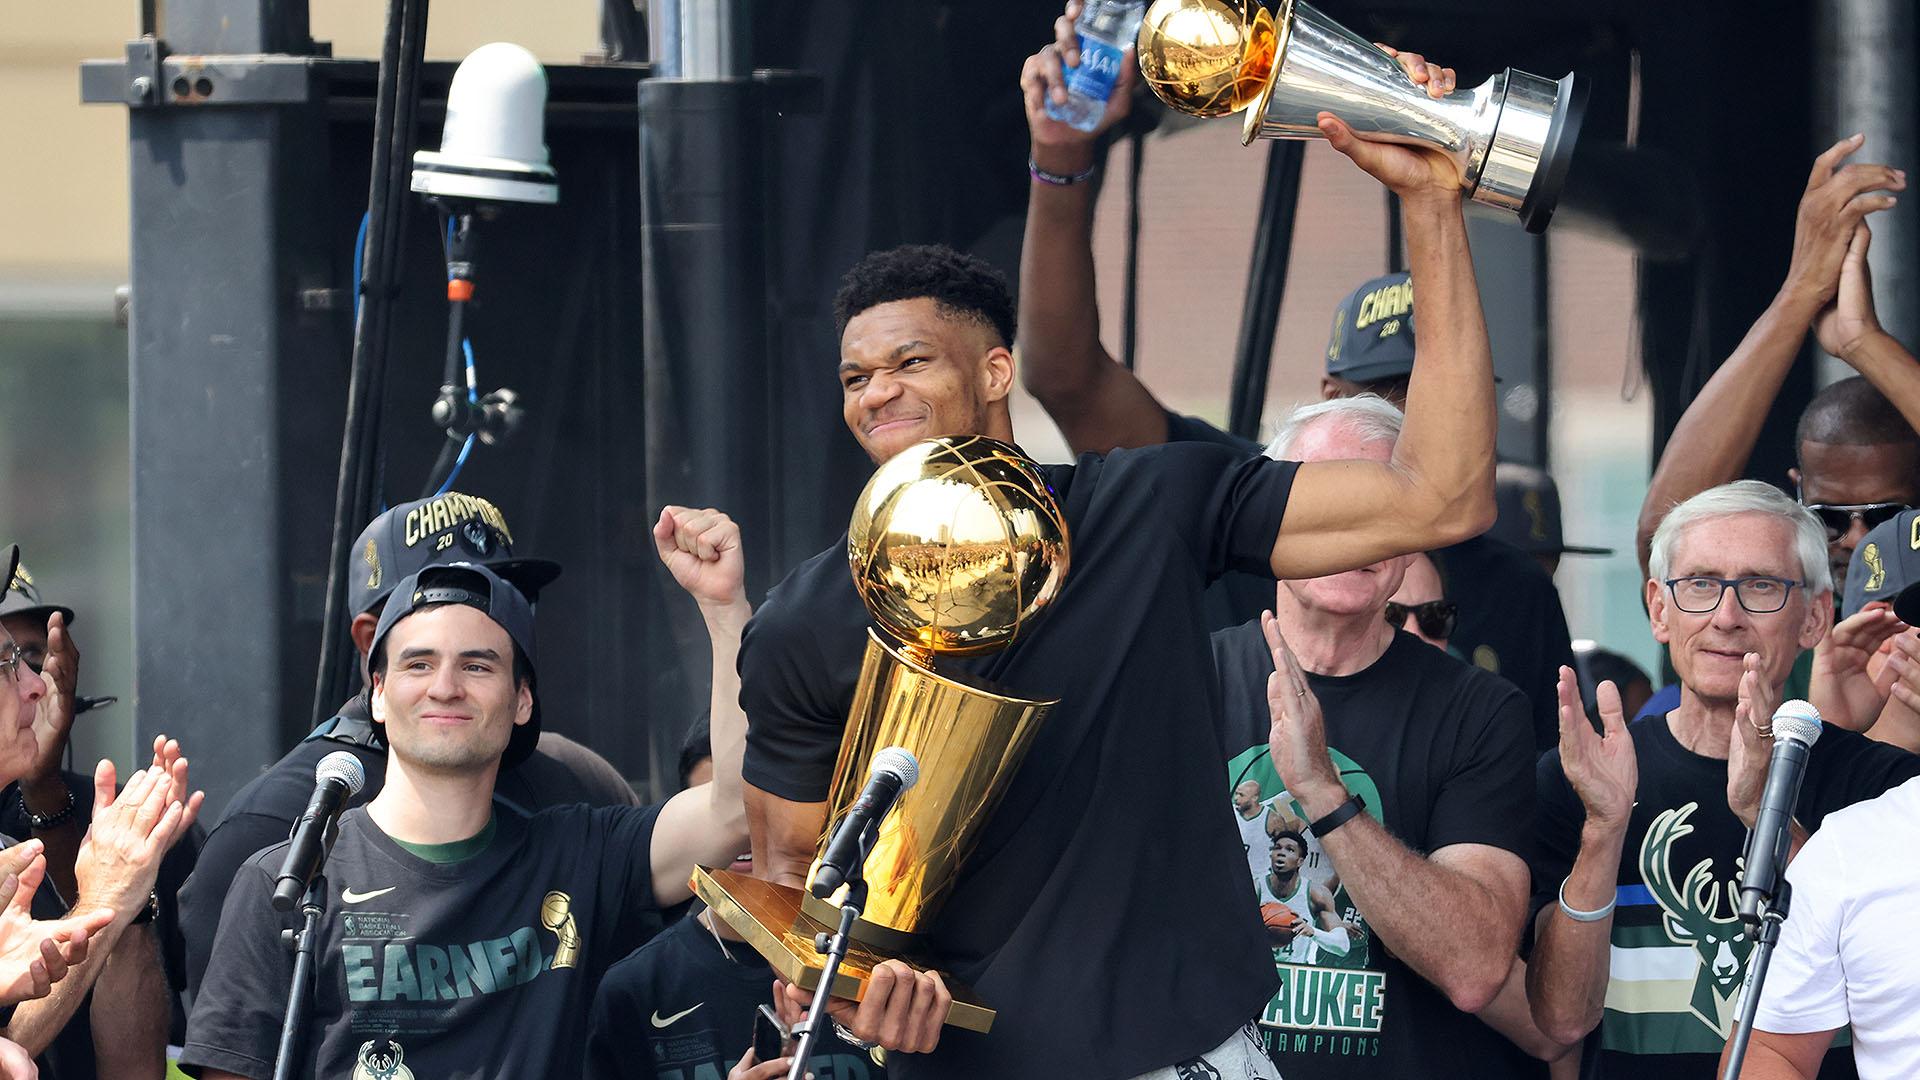 Party time! Bucks, fans celebrate 2021 NBA title